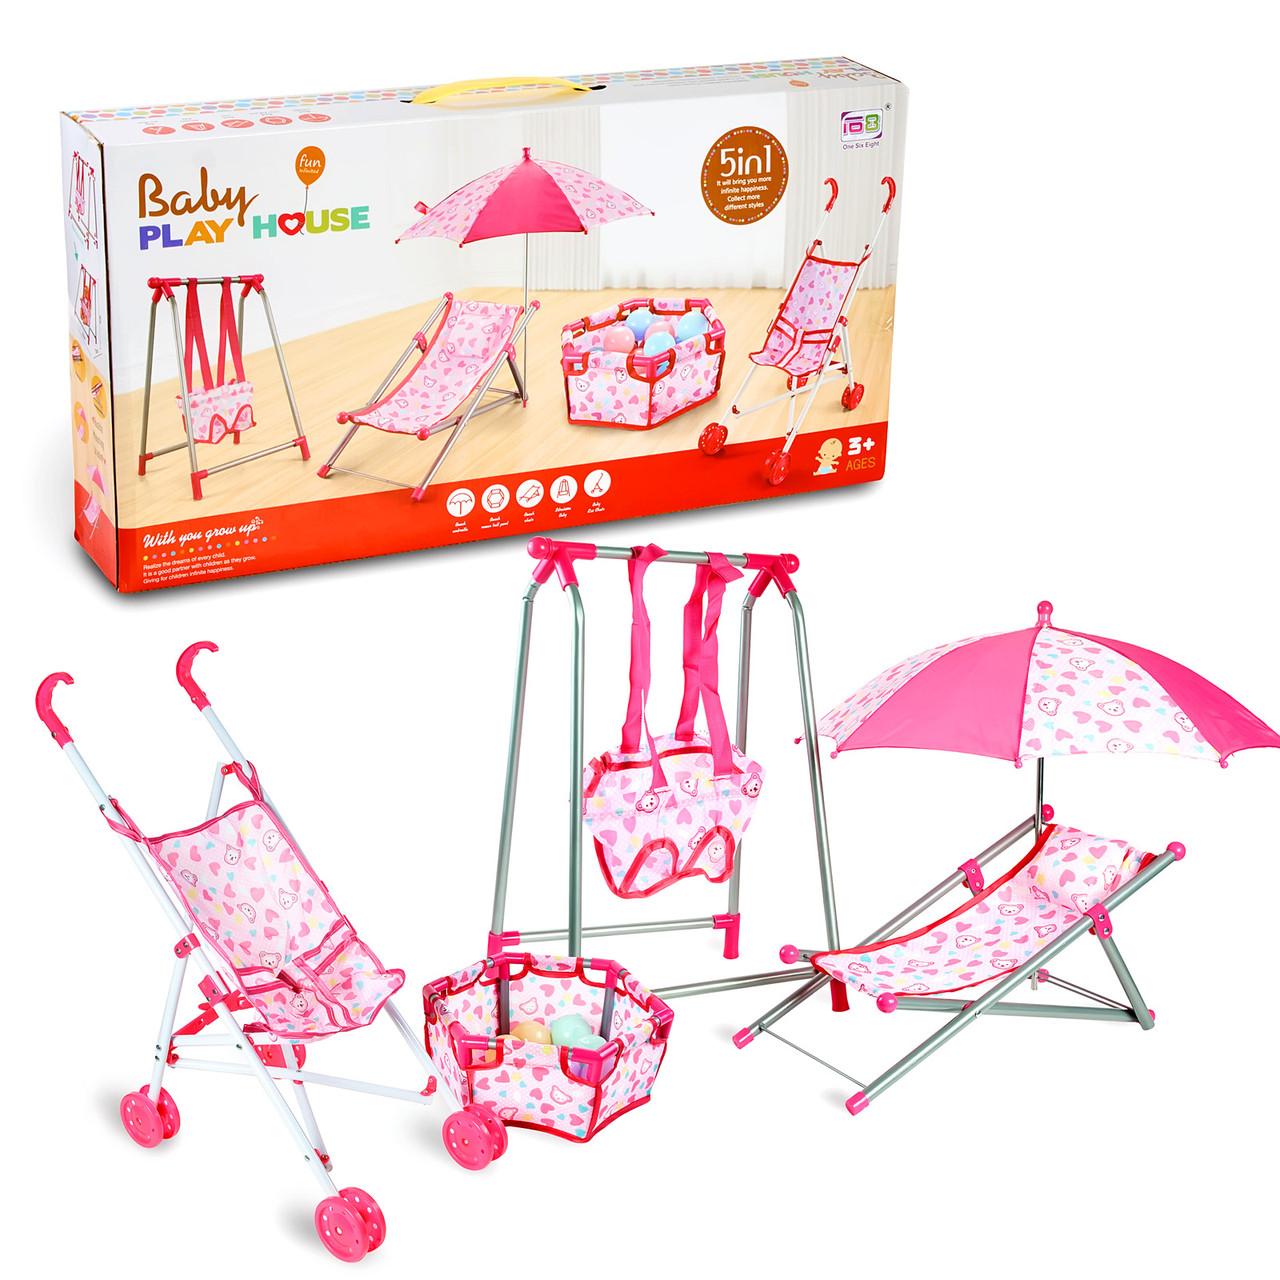 Ігровий набір для дівчаток комплект для ляльки Baby play (Коляска + манеж + Шезлонг+ Гойдалка+ Парасолька)